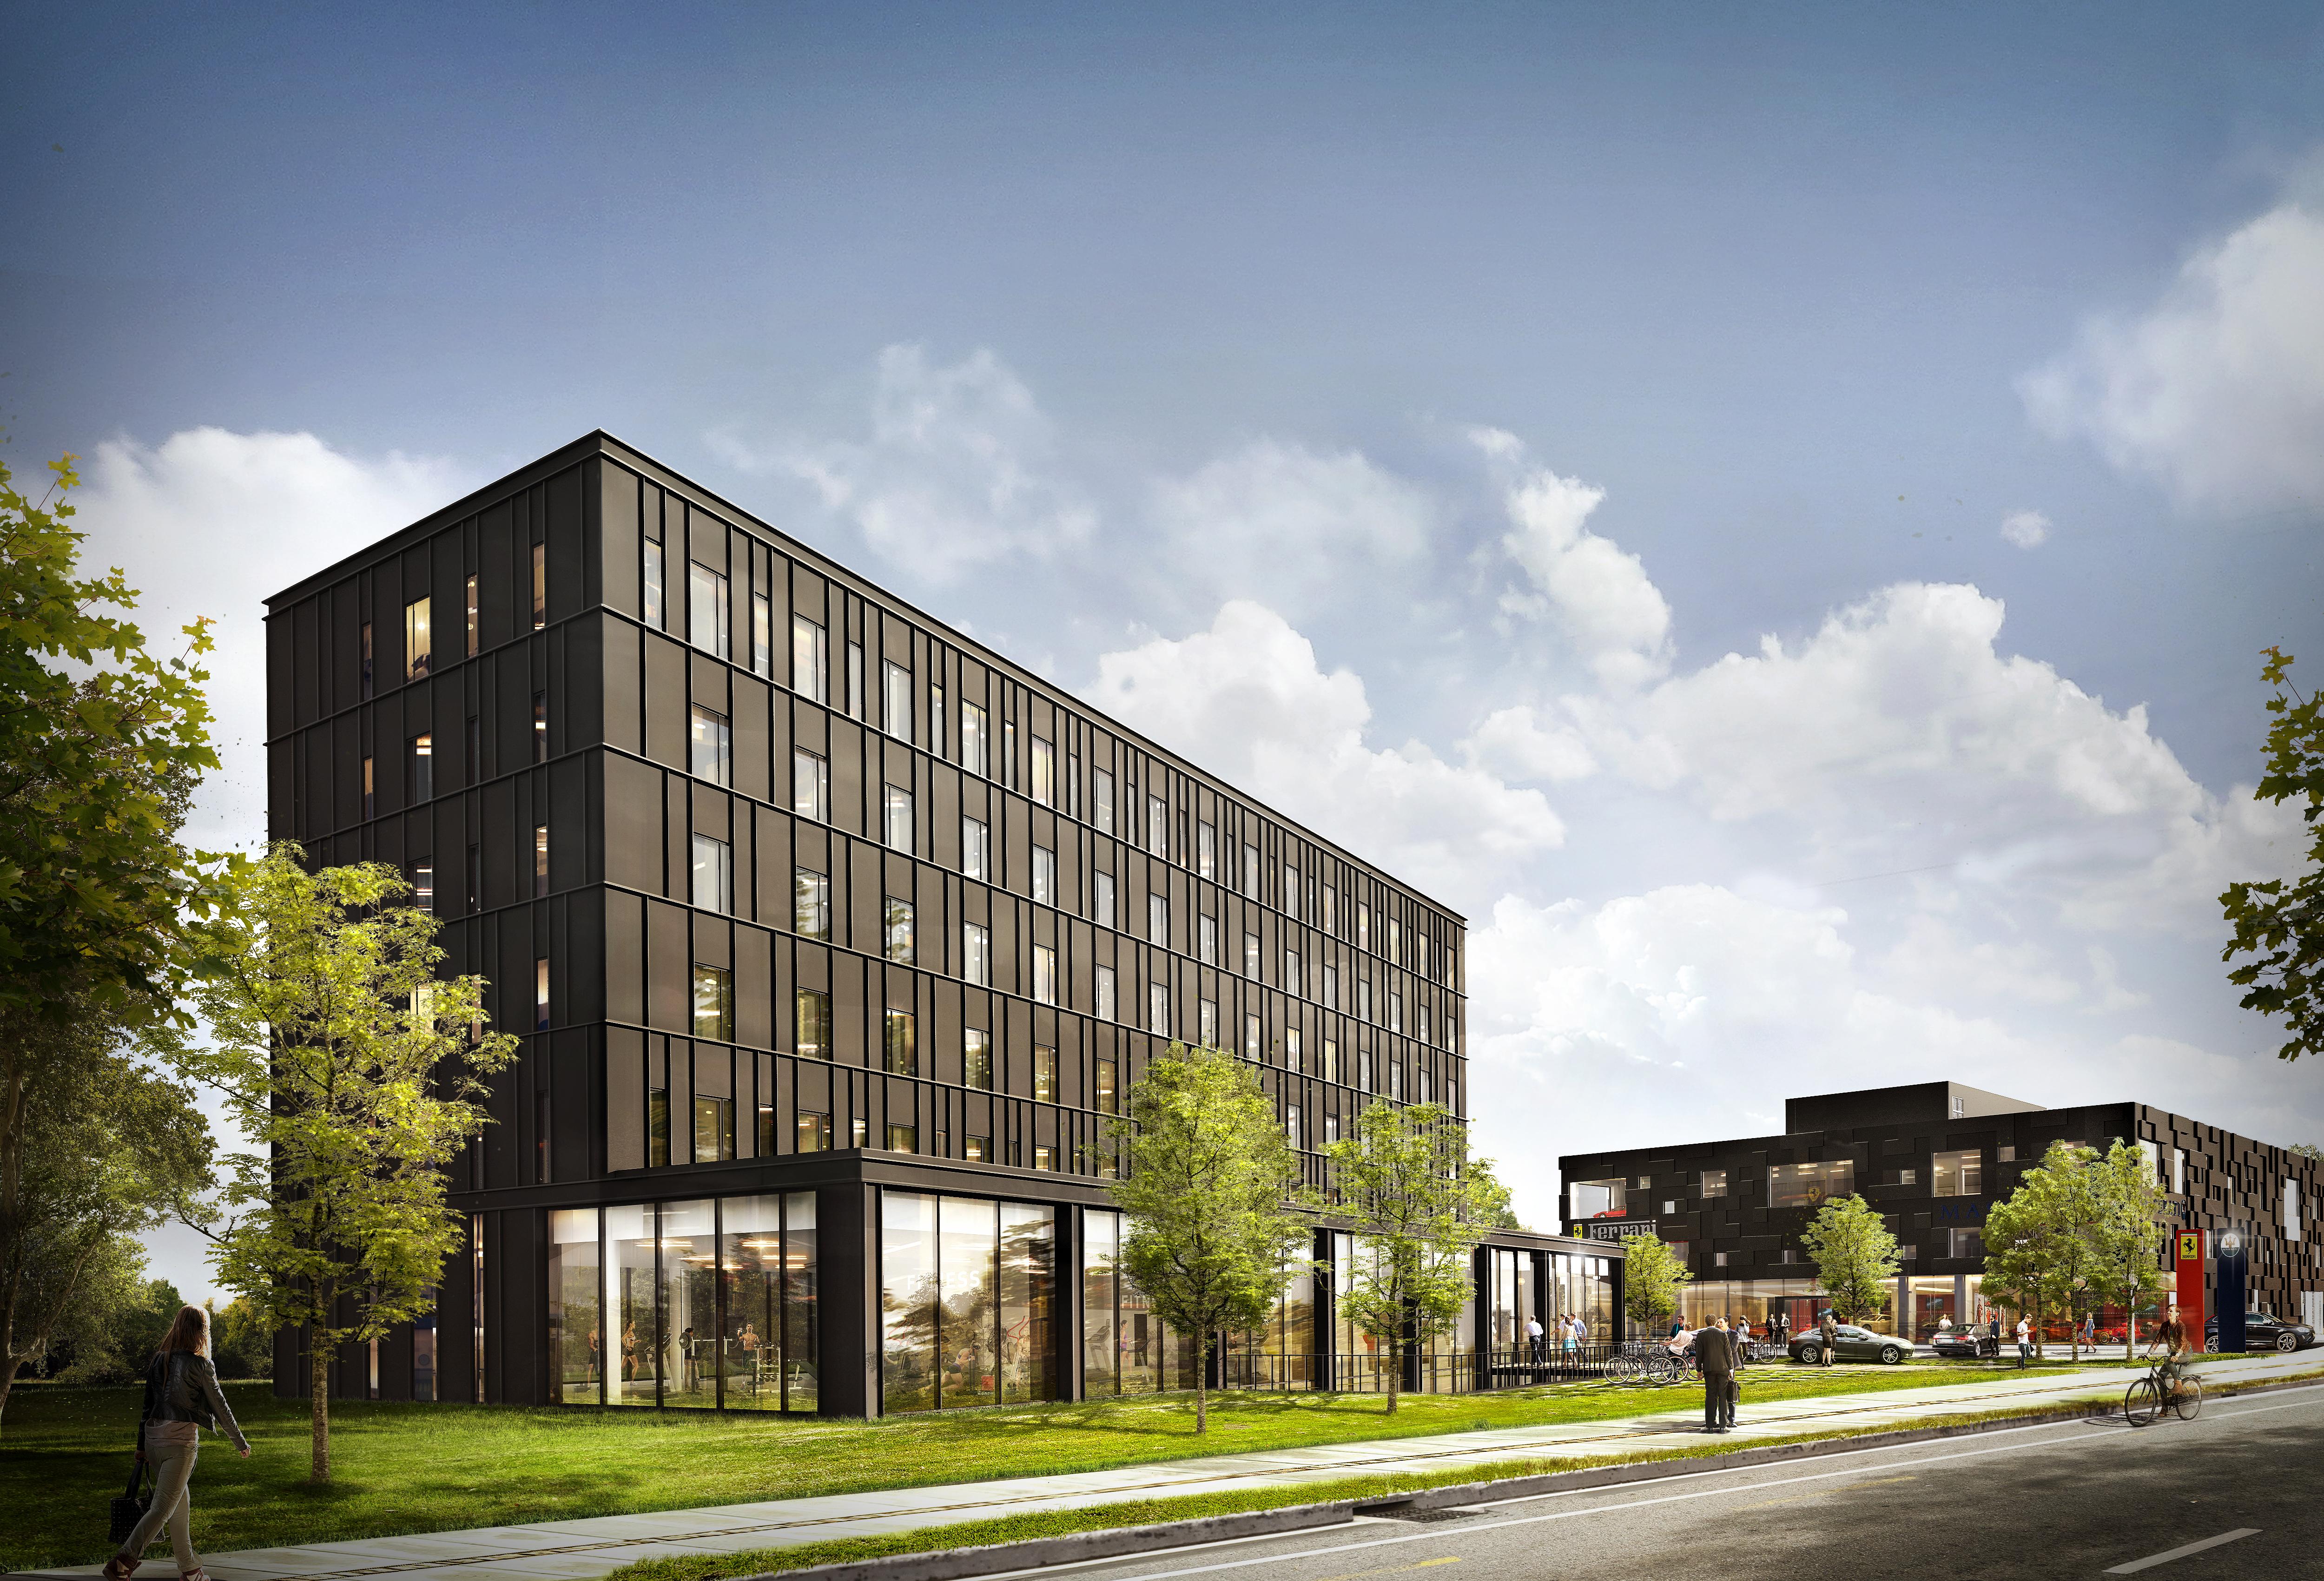 Det kommende Zleep Hotel i Lyngby åbner i 2020 med 112 værelser – 78 standard hotelværelser samt 34 hotellejligheder. Illustration: Zleep Hotels.